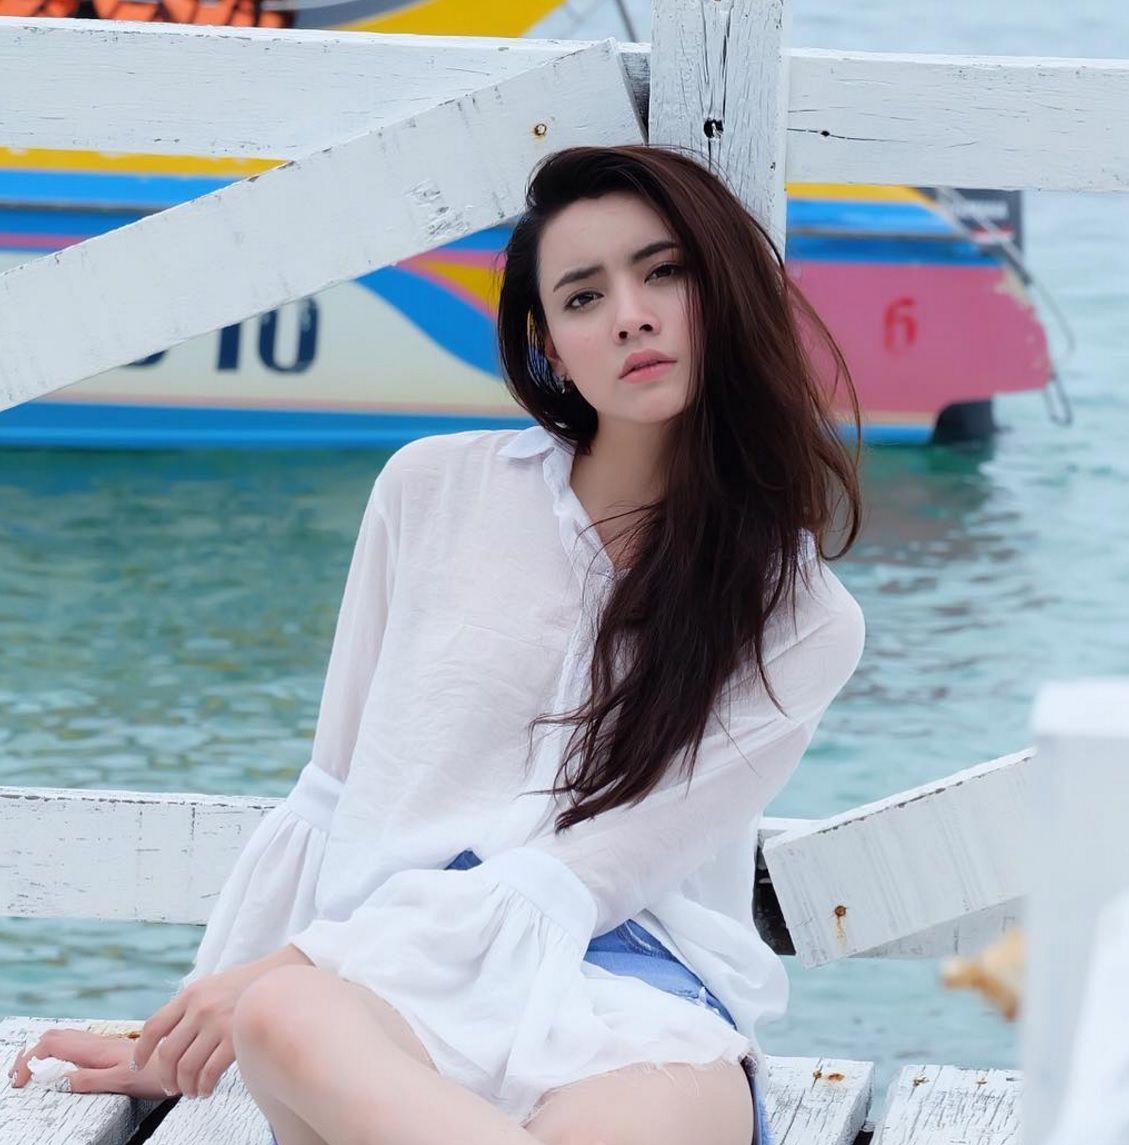 Chết mê chết mệt với vẻ đẹp lạnh lùng của hot girl Mookda Narinrak (7)